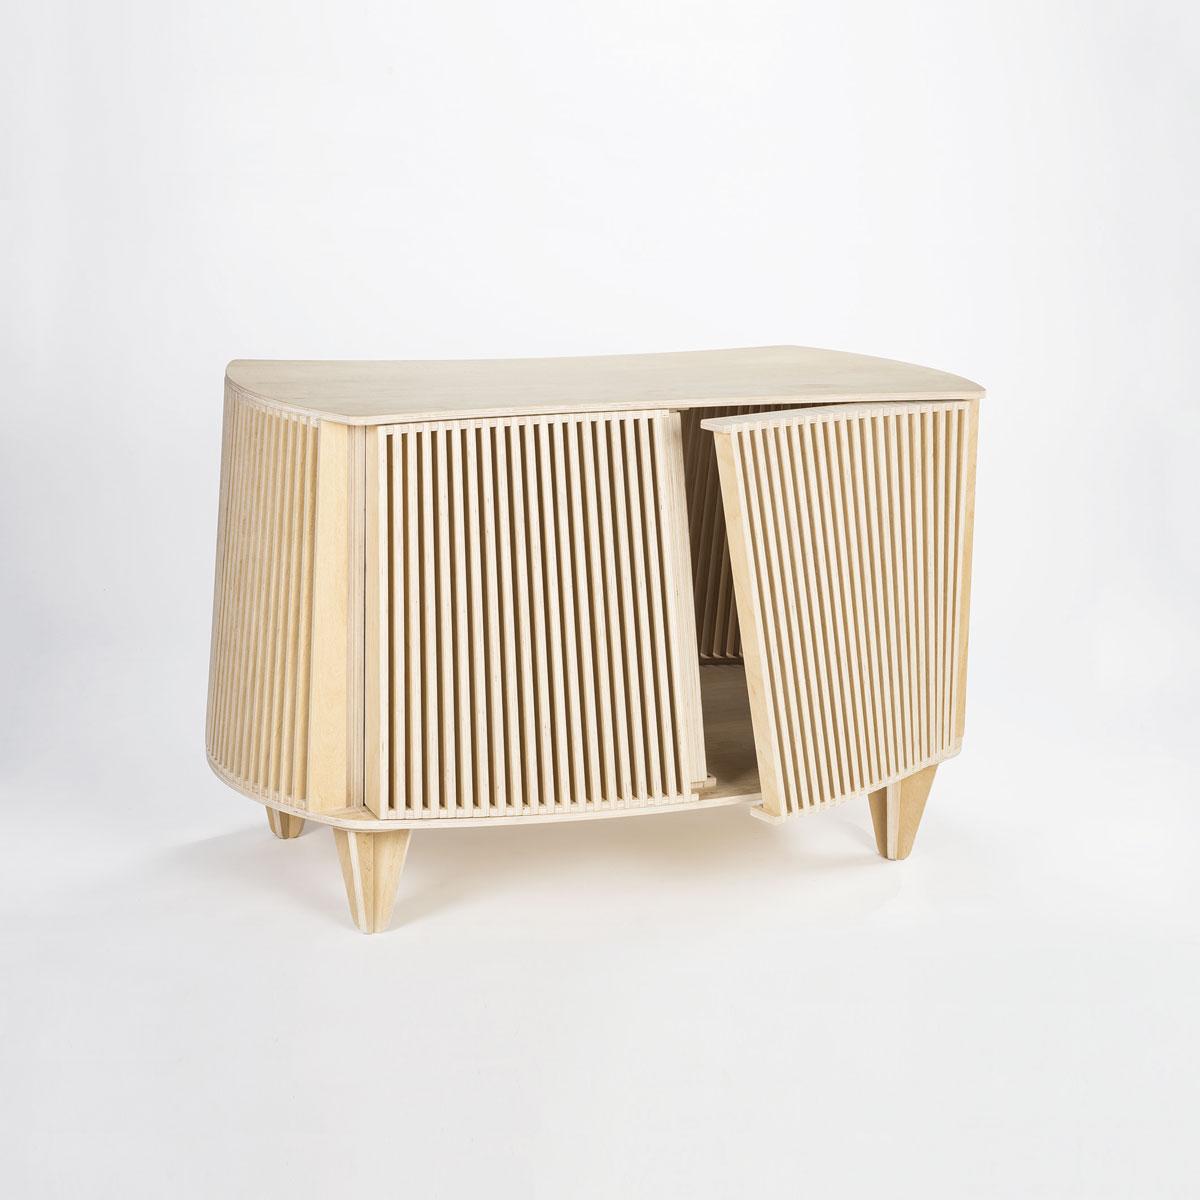 04-mobiliario-alabeado-federico-varone-itar-amoblamientos